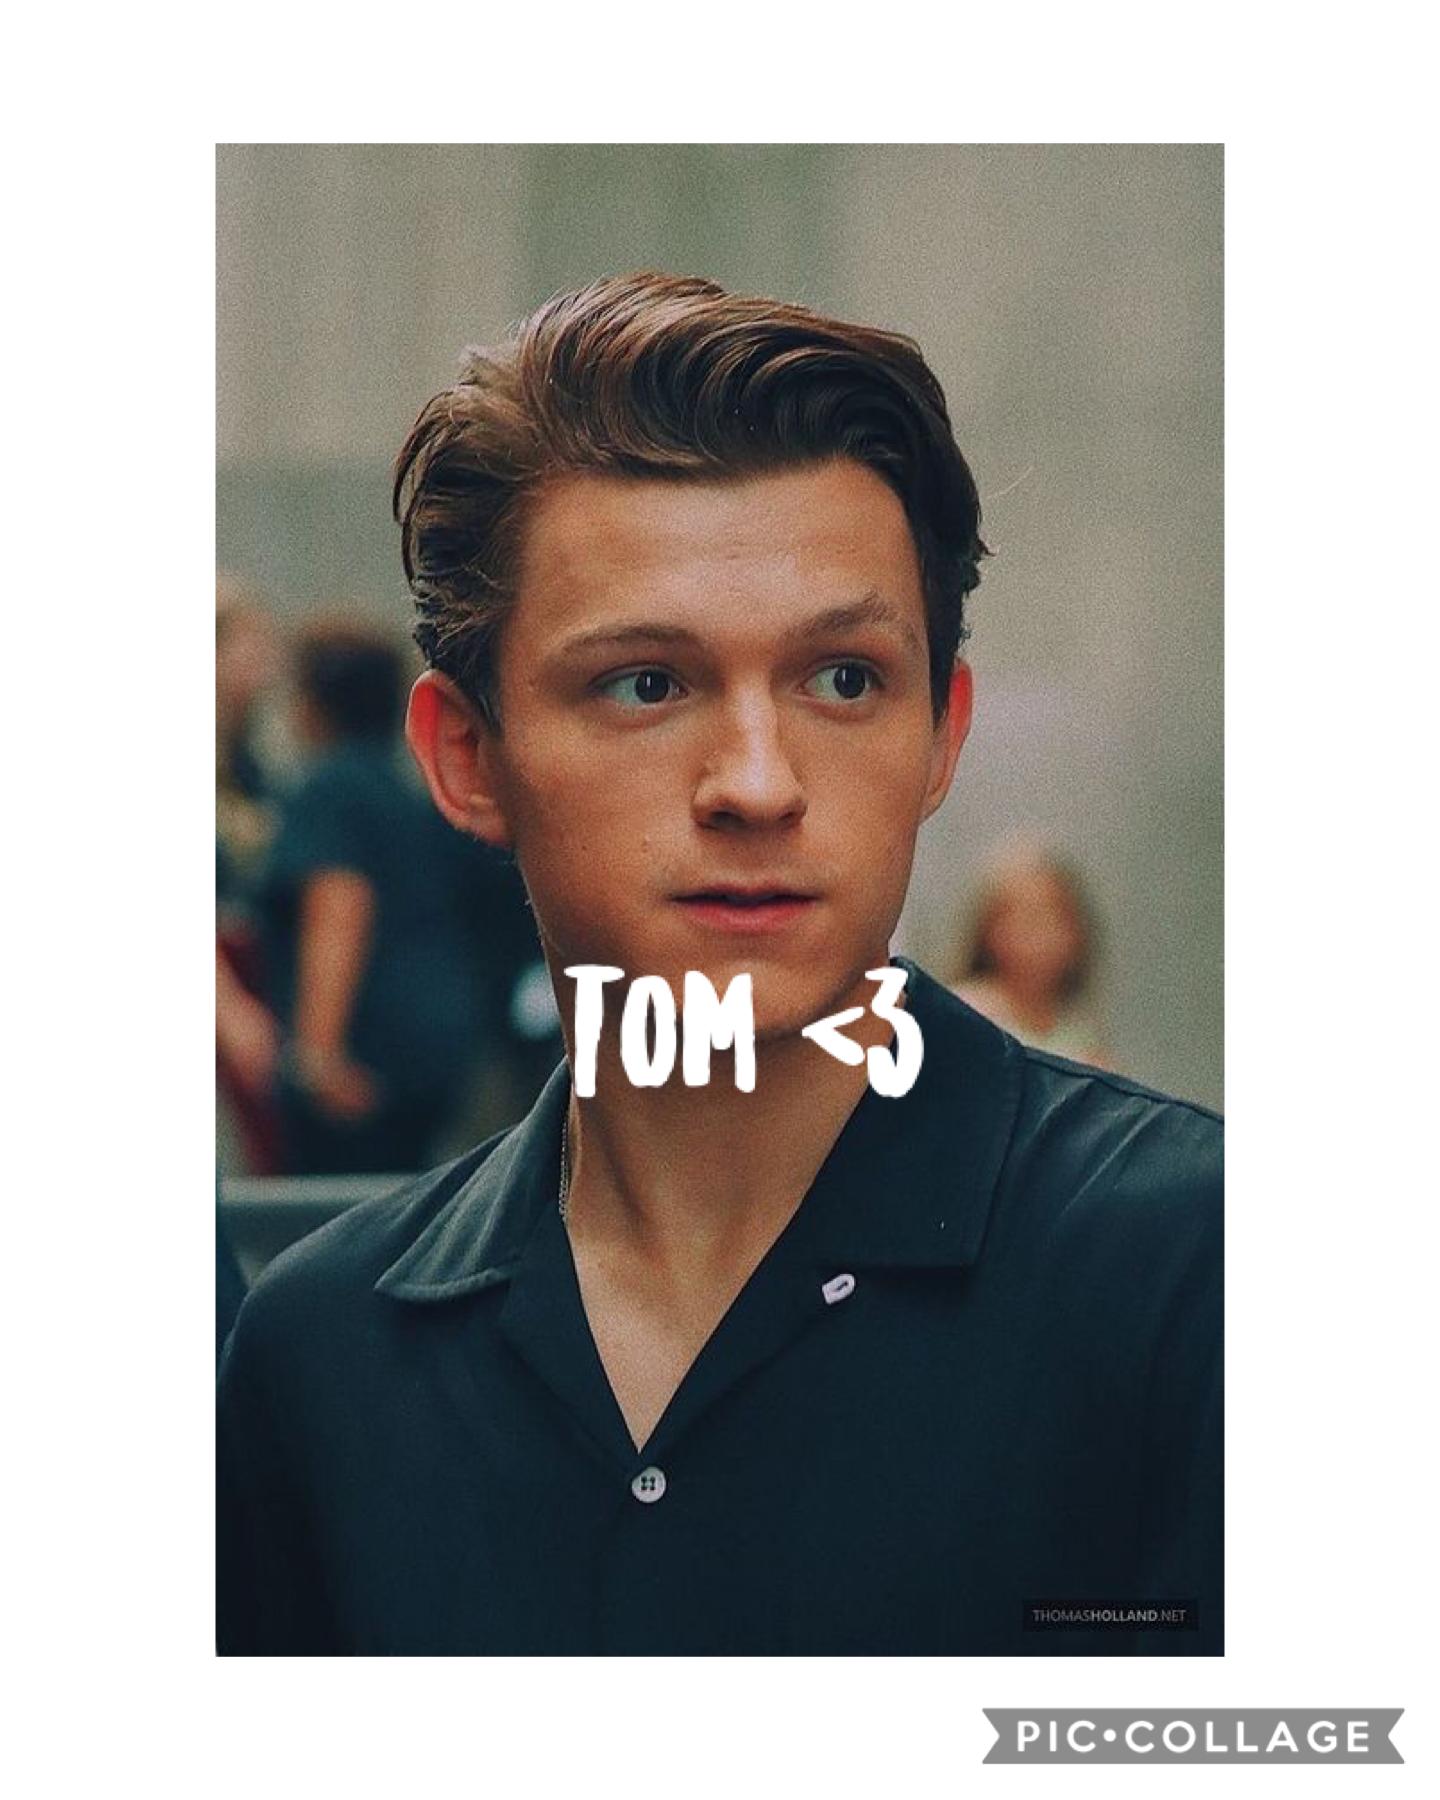 Tommy boy;)